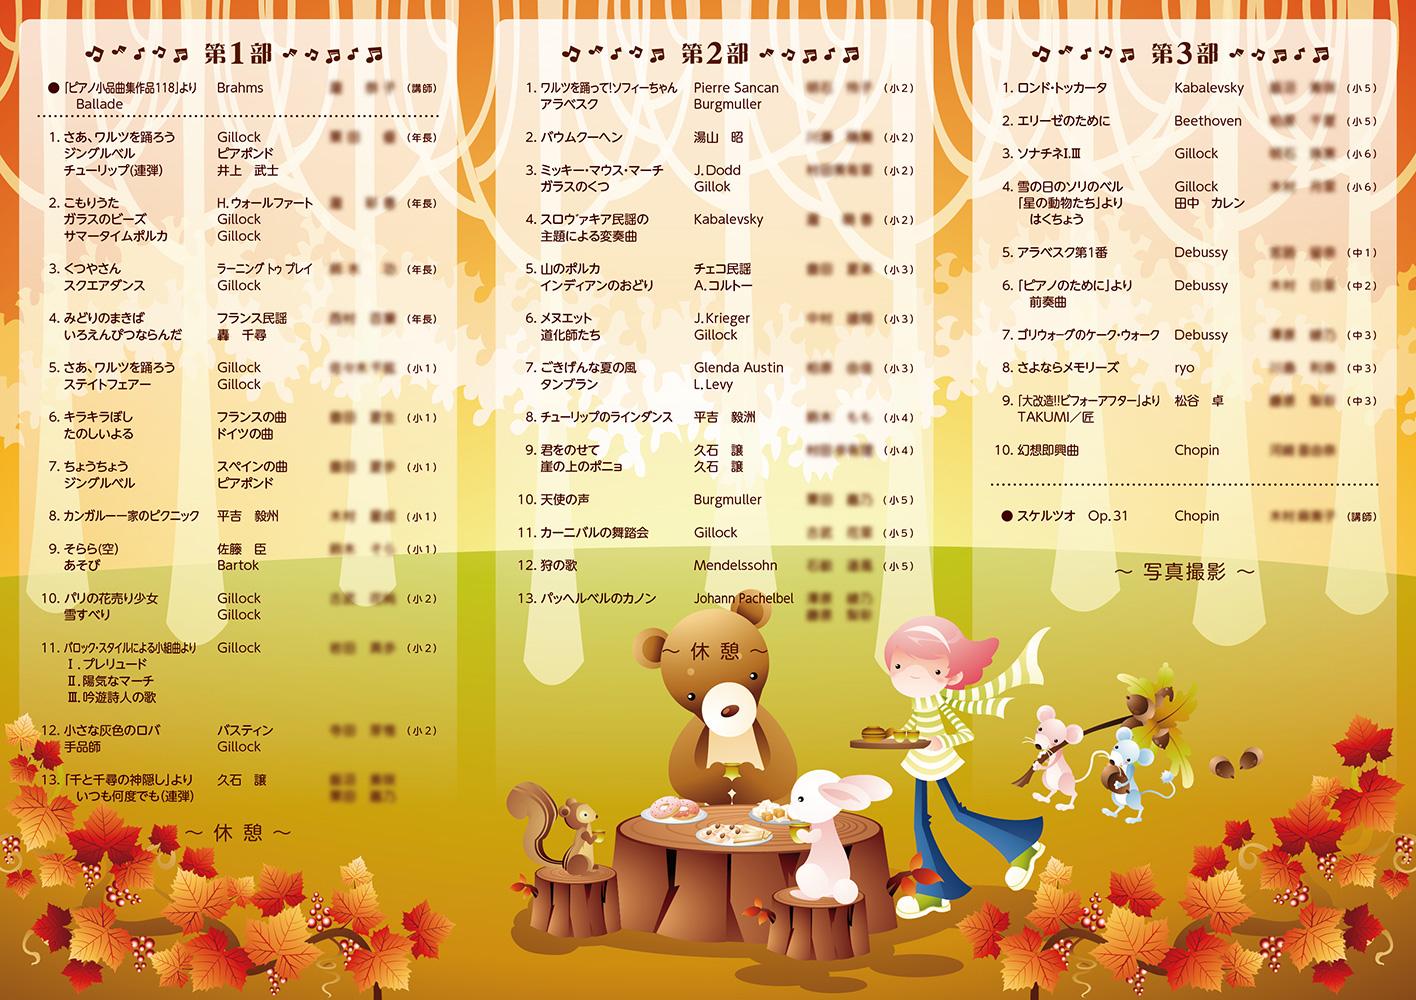 2012 ぽこあぽこの会 ピアノ演奏会プログラム